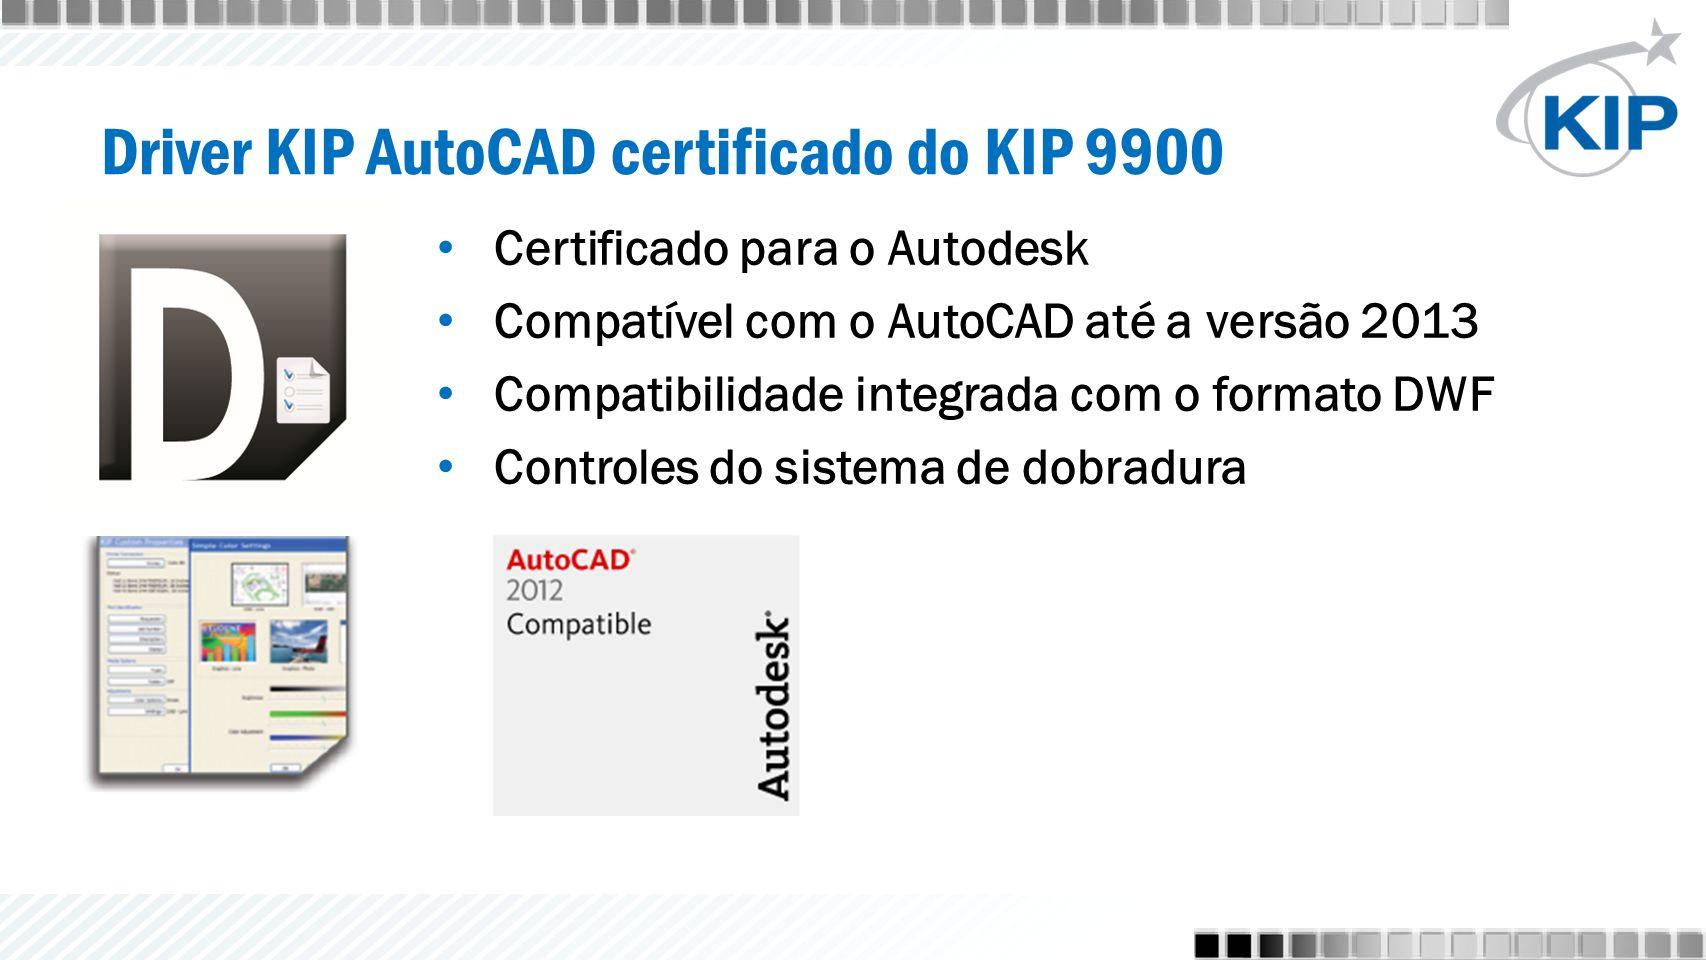 Certificado para o Autodesk Compatível com o AutoCAD até a versão 2013 Compatibilidade integrada com o formato DWF Controles do sistema de dobradura